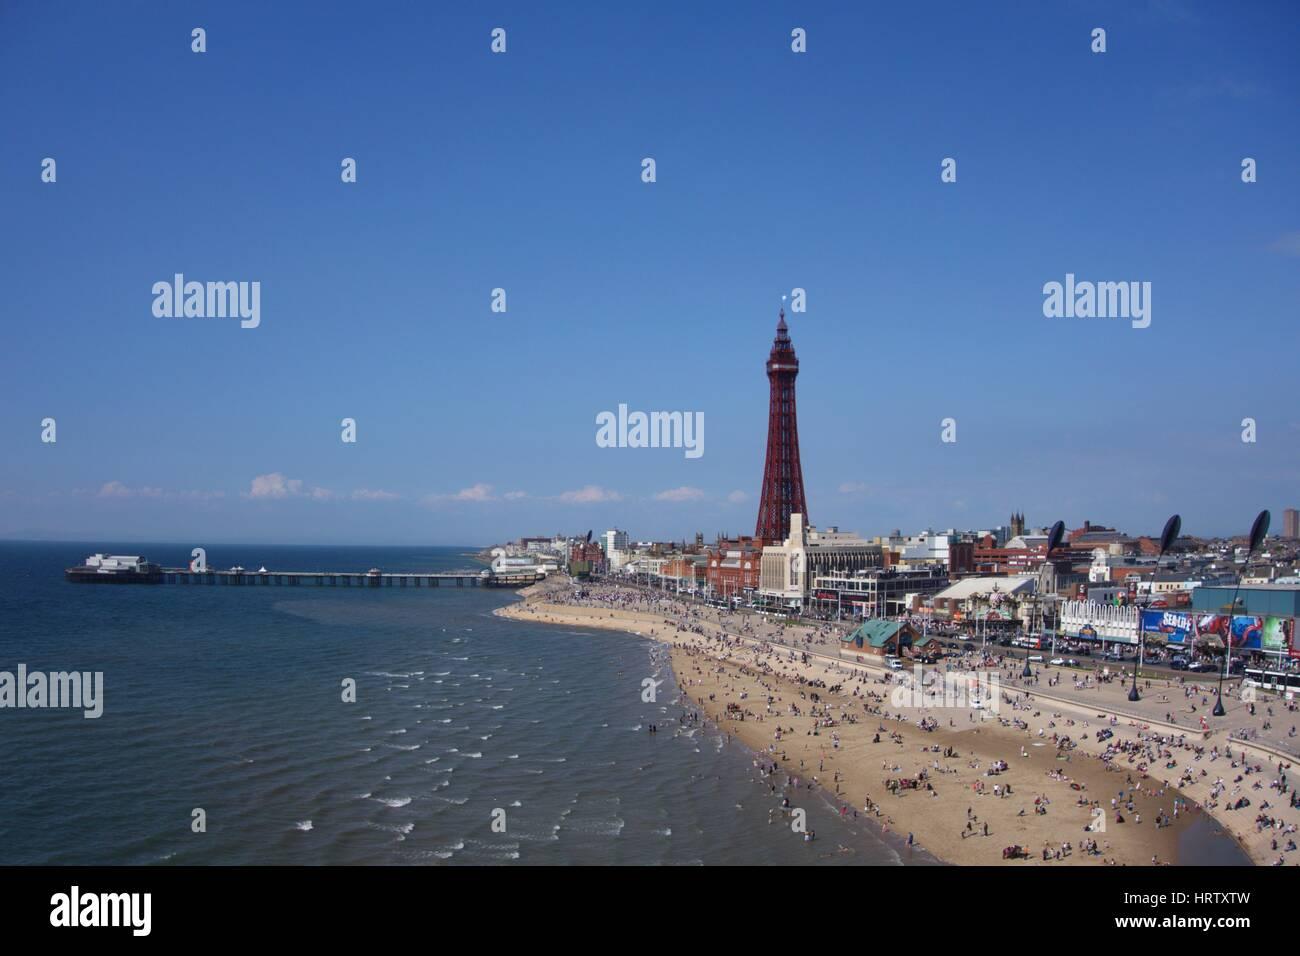 Luftaufnahme der Blackpool Tower und promenade Stockfoto